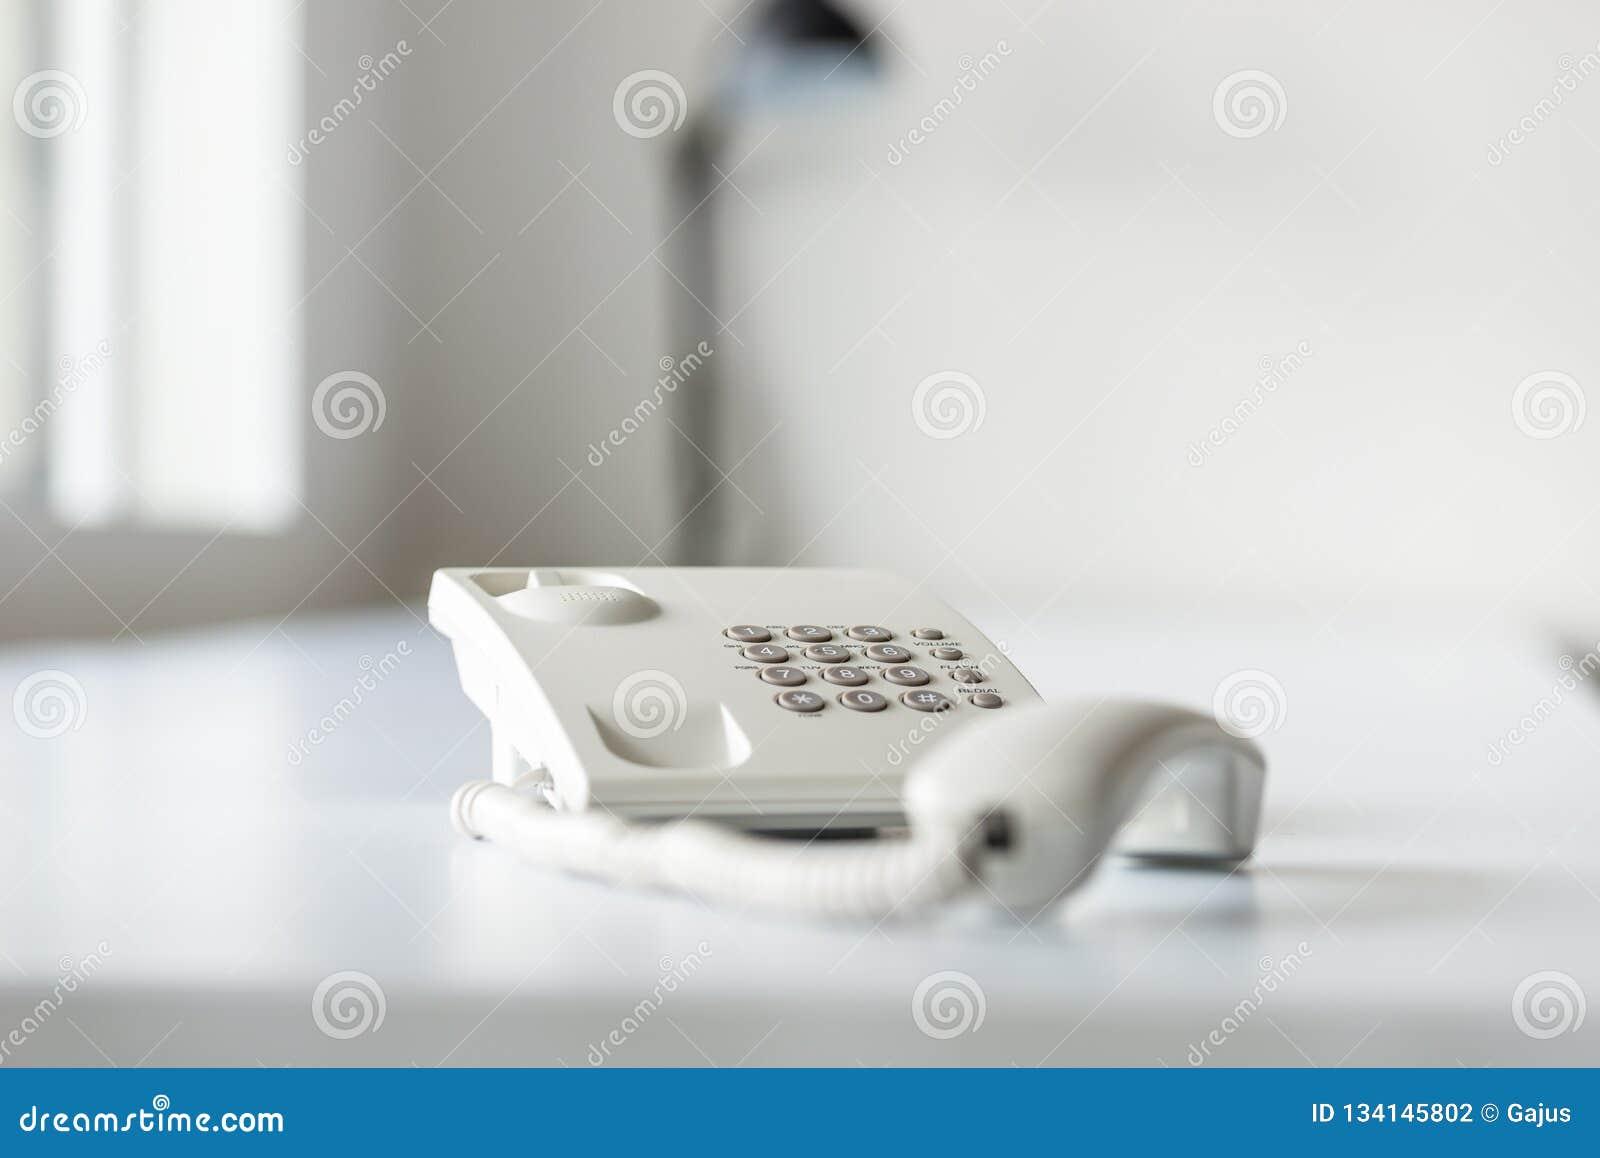 Witte landline telefoon met off-line zaktelefoon